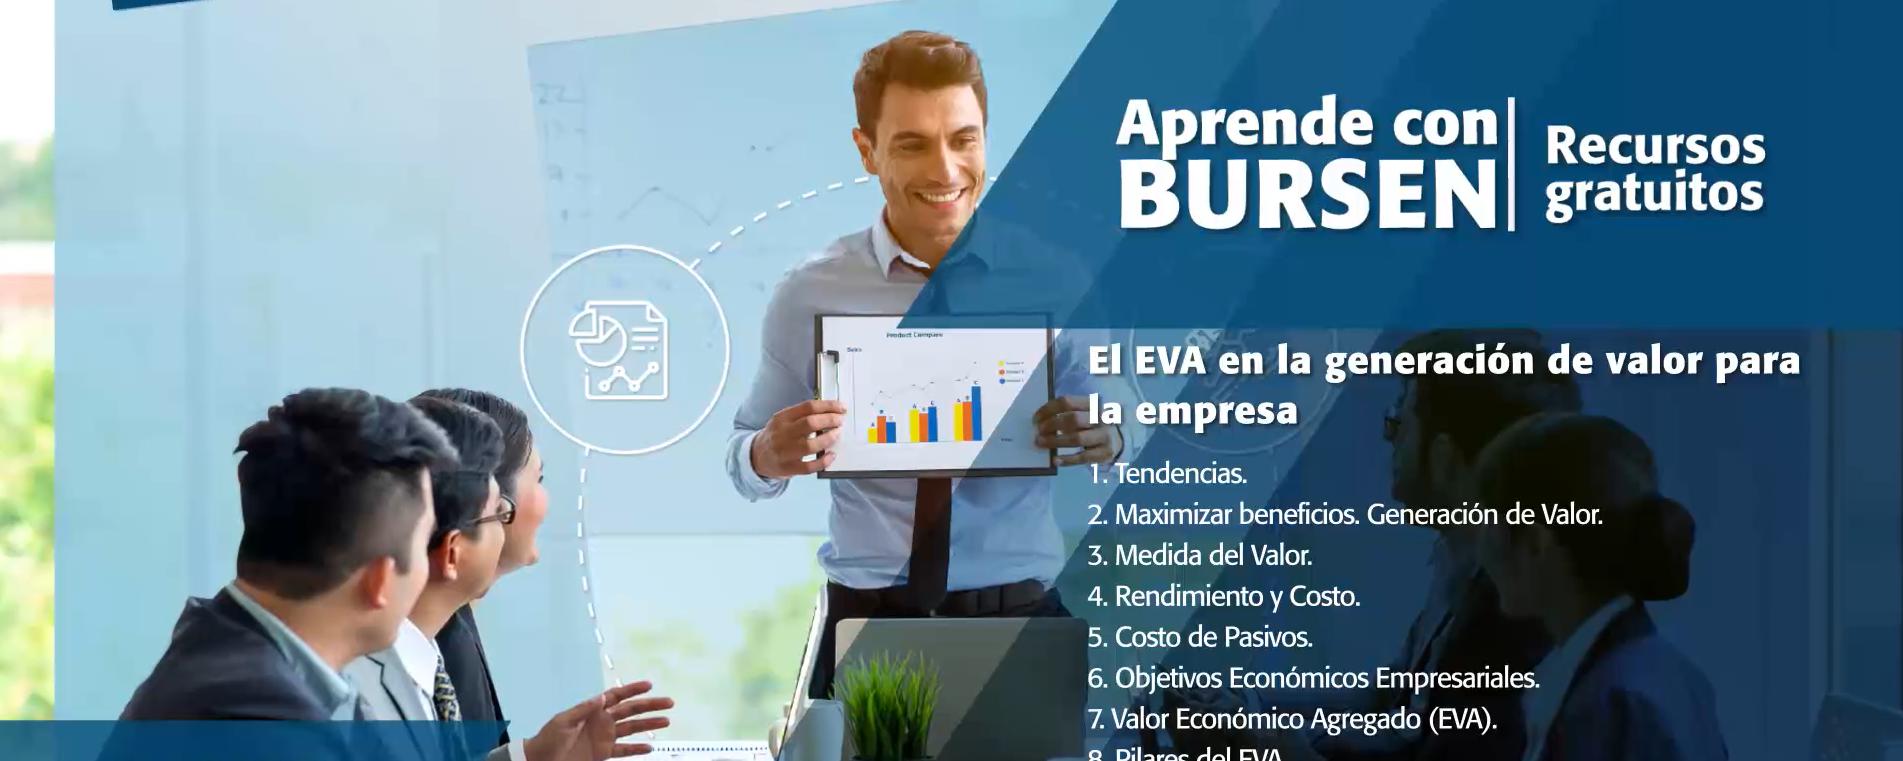 """Open BURSEN-Charla Gratuita: """"El EVA en la generación de valor para la empresa"""""""